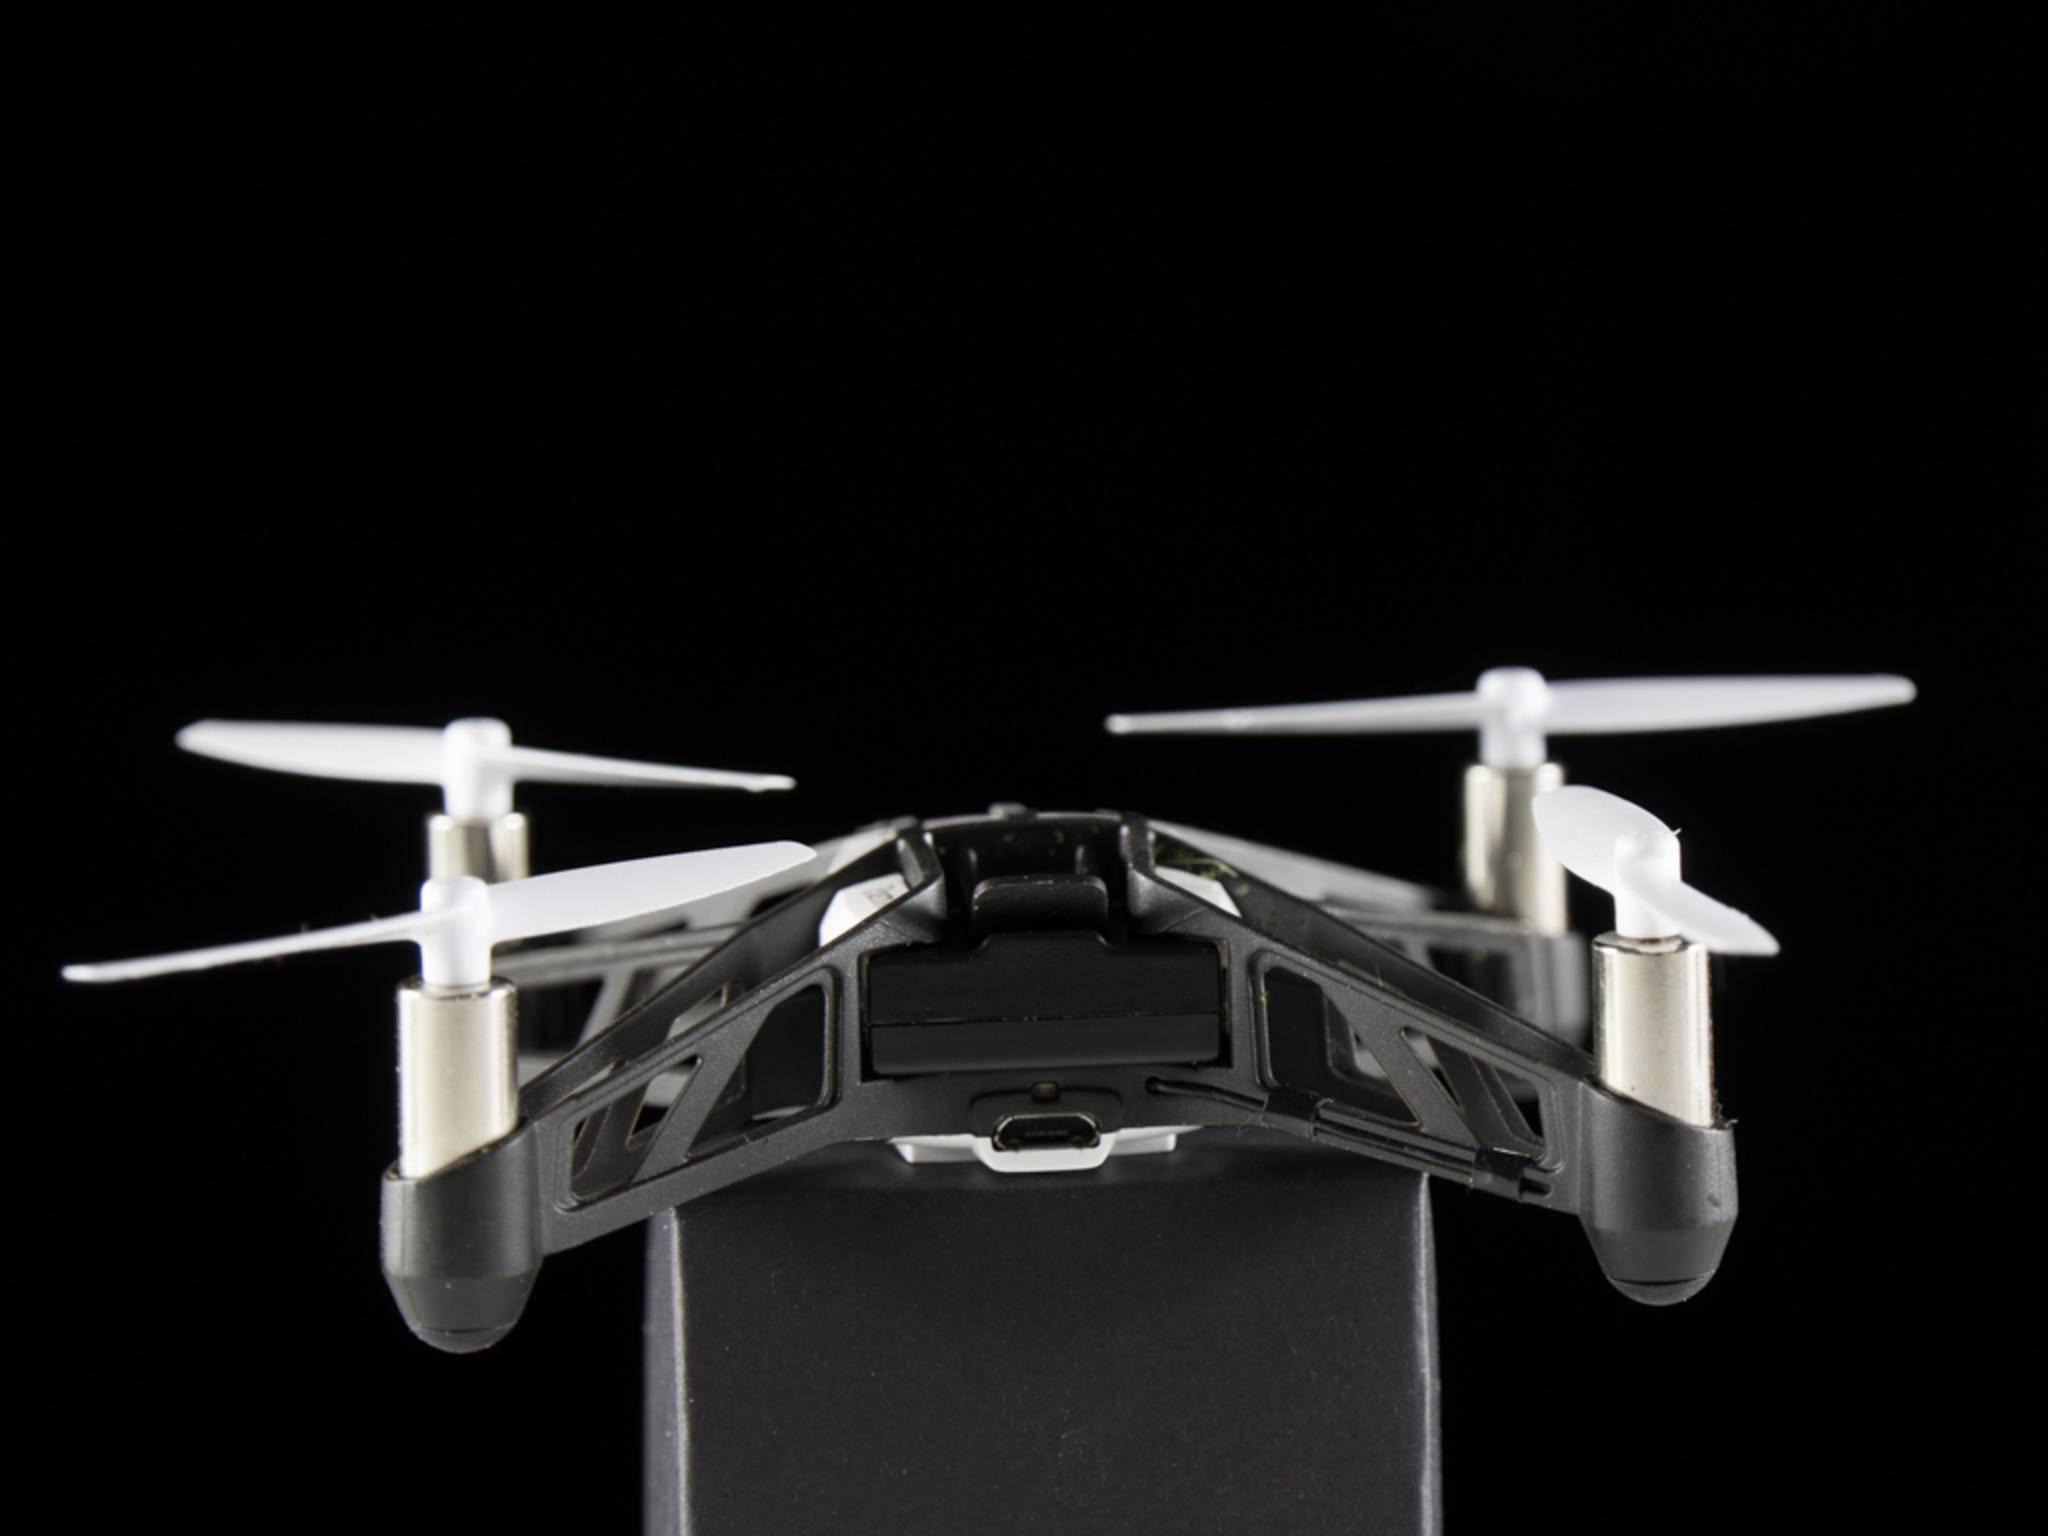 Der kleine Quadcopter wiegt nur 58 Gramm.